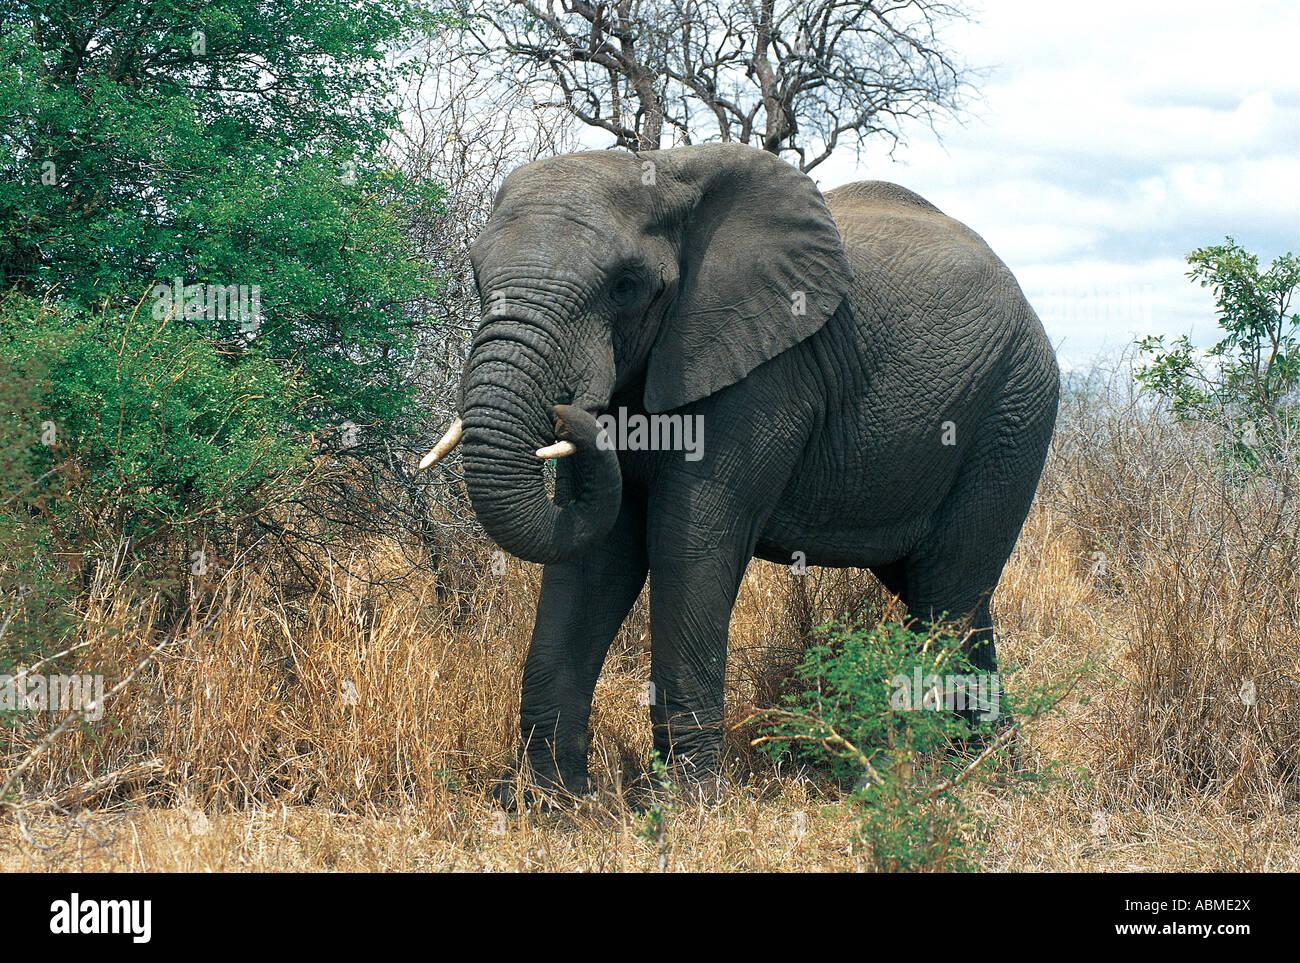 Elefante Africano Parque Nacional Kruger Sudáfrica Imagen De Stock